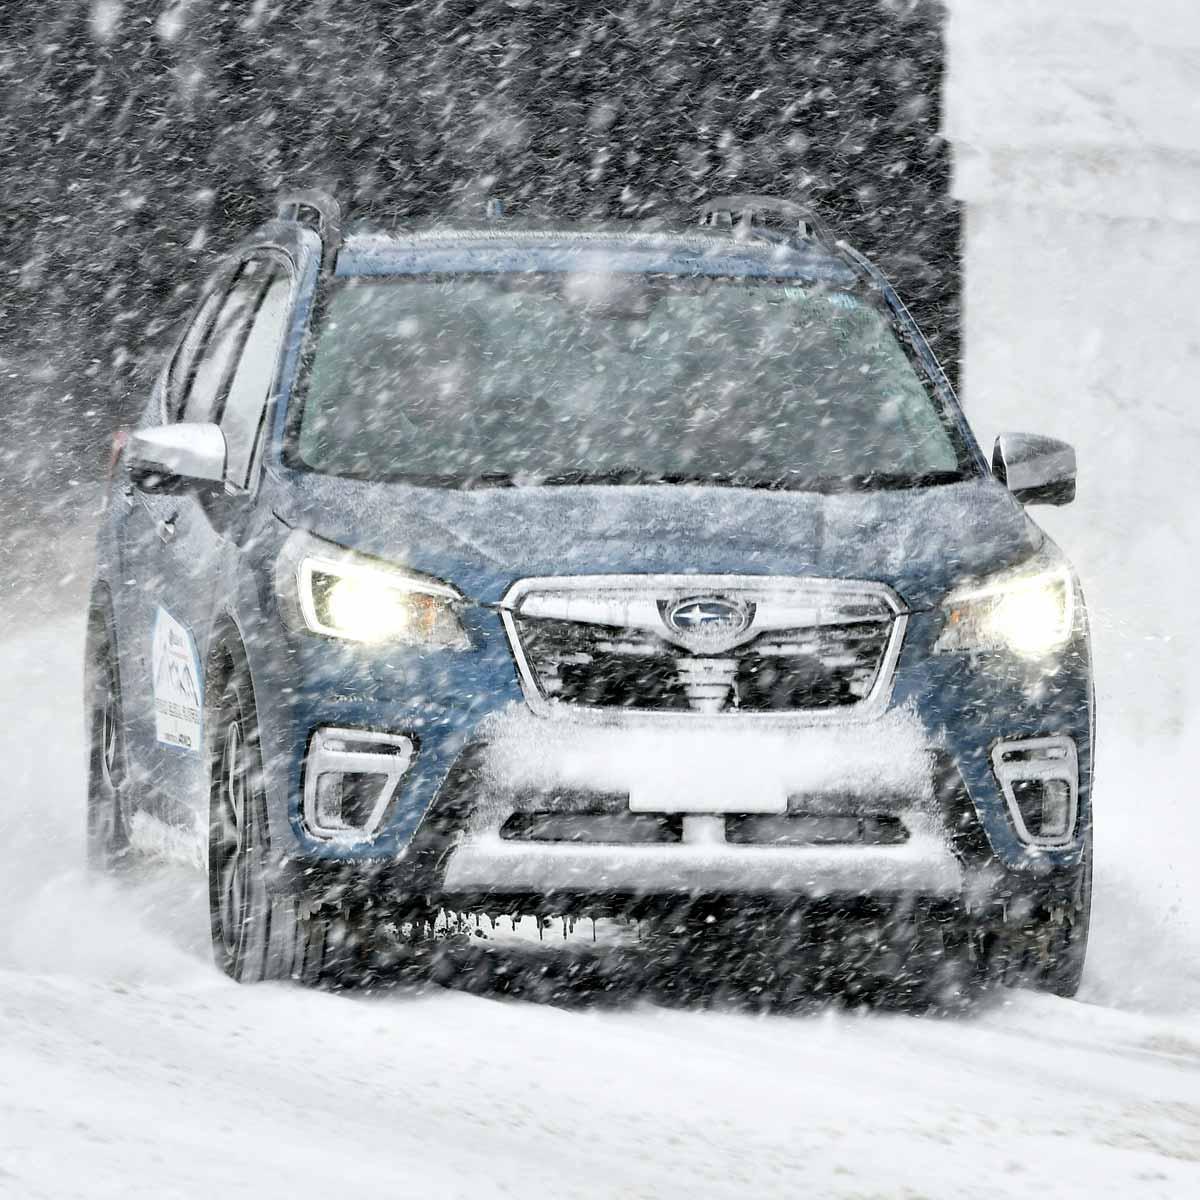 本当に雪上!?スバル「フォレスター アドバンス」豪雪でも安定感は抜群!